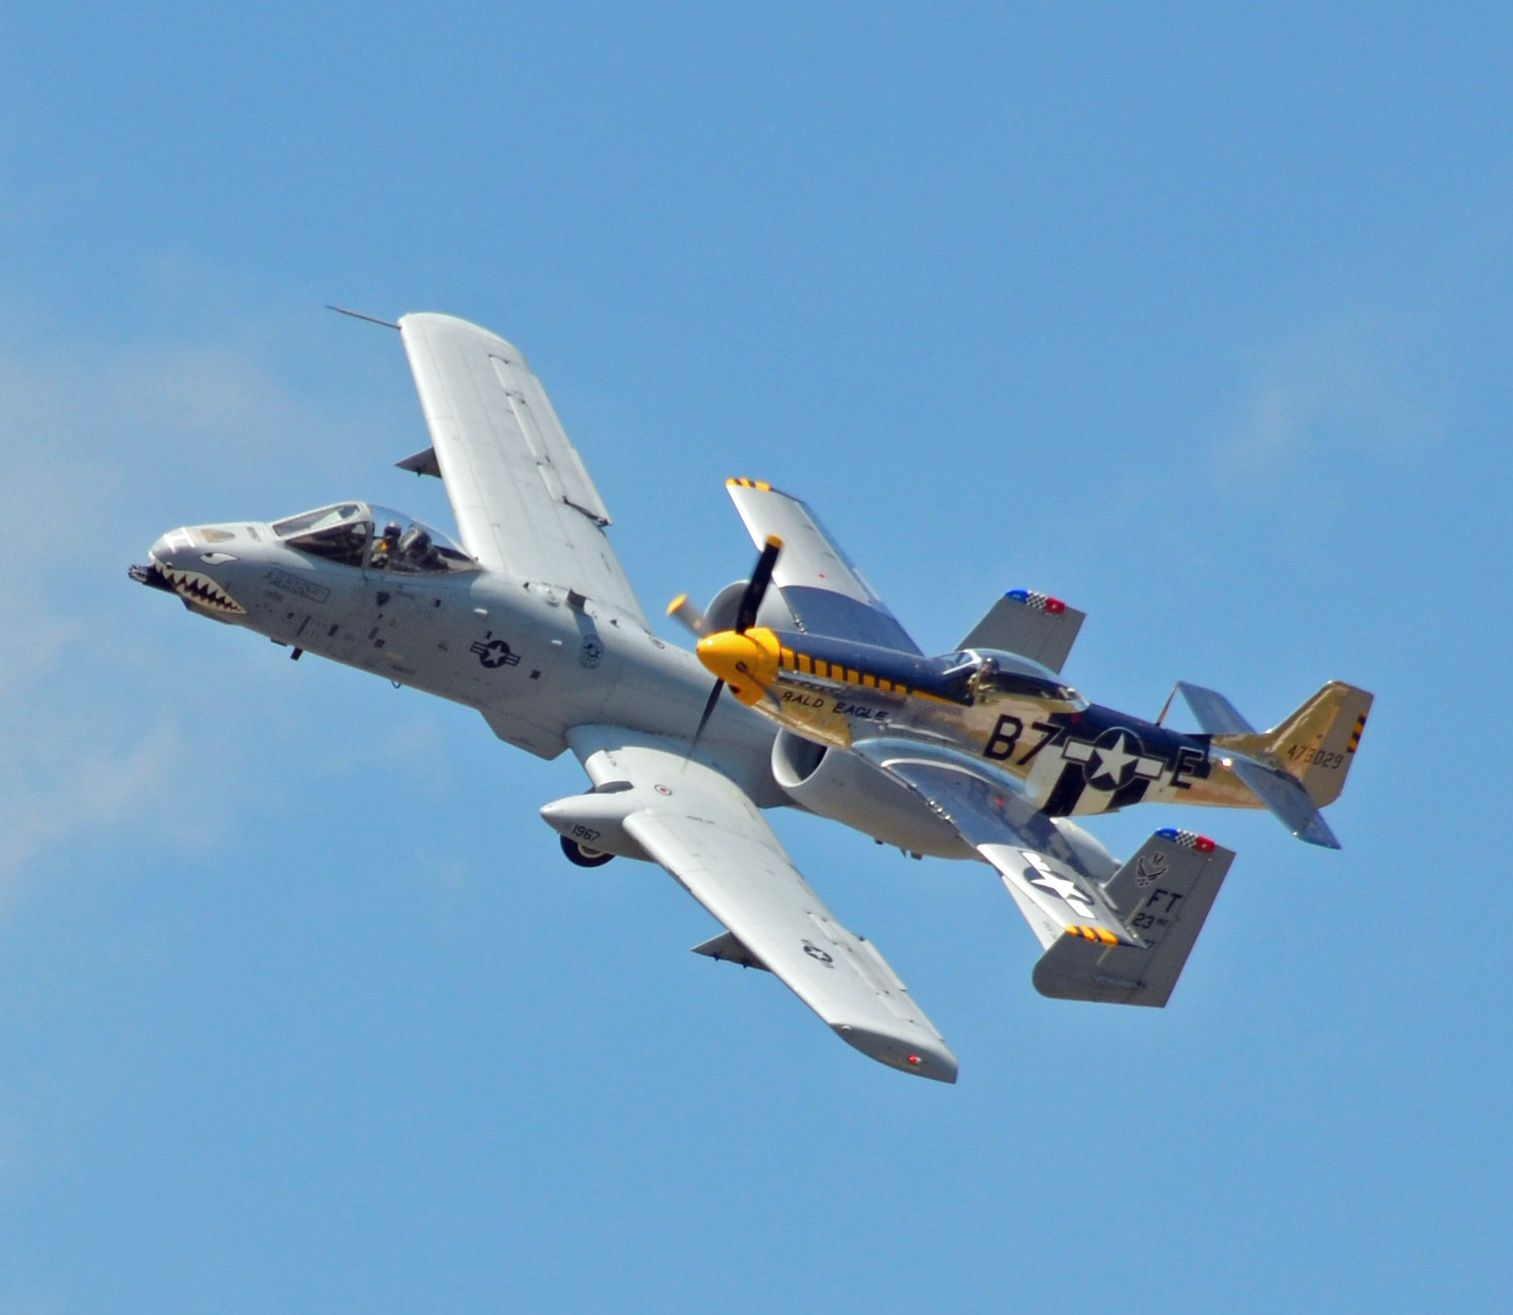 Airshow, NY